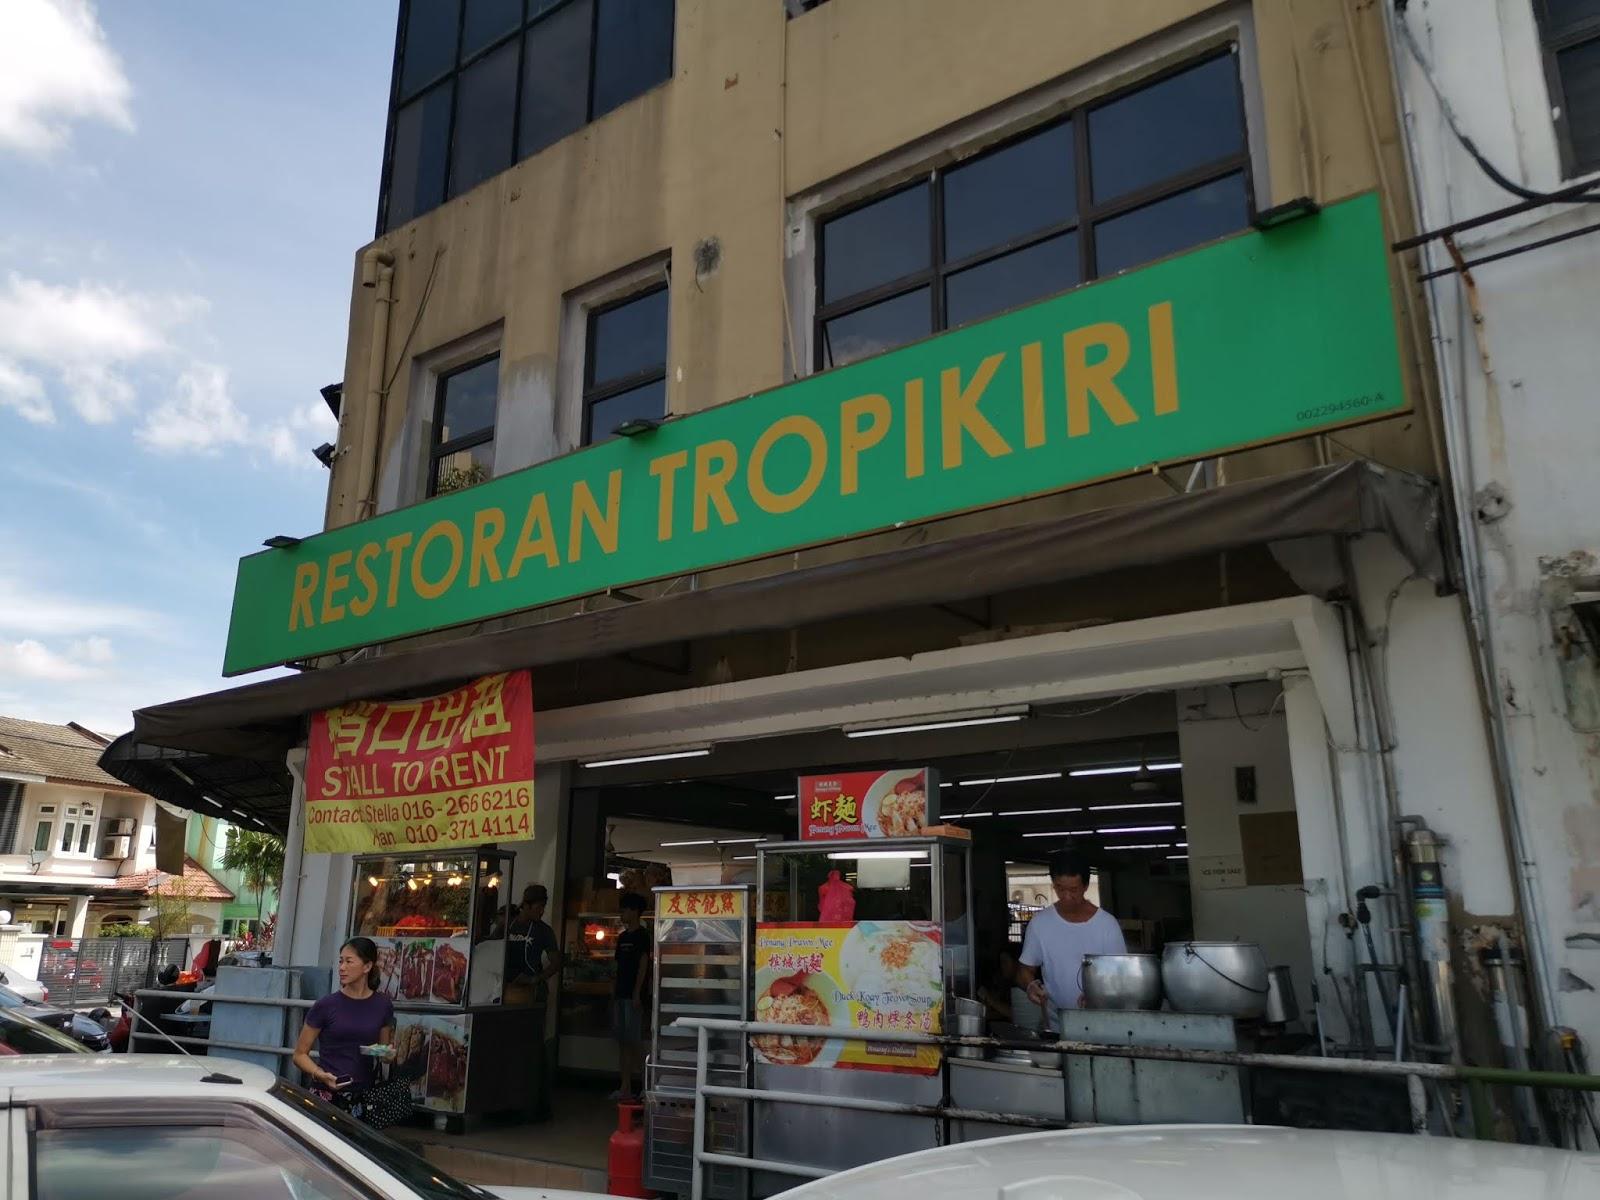 Restoran TropiKiRi, Prawn Noodles (near Tropicana Club)